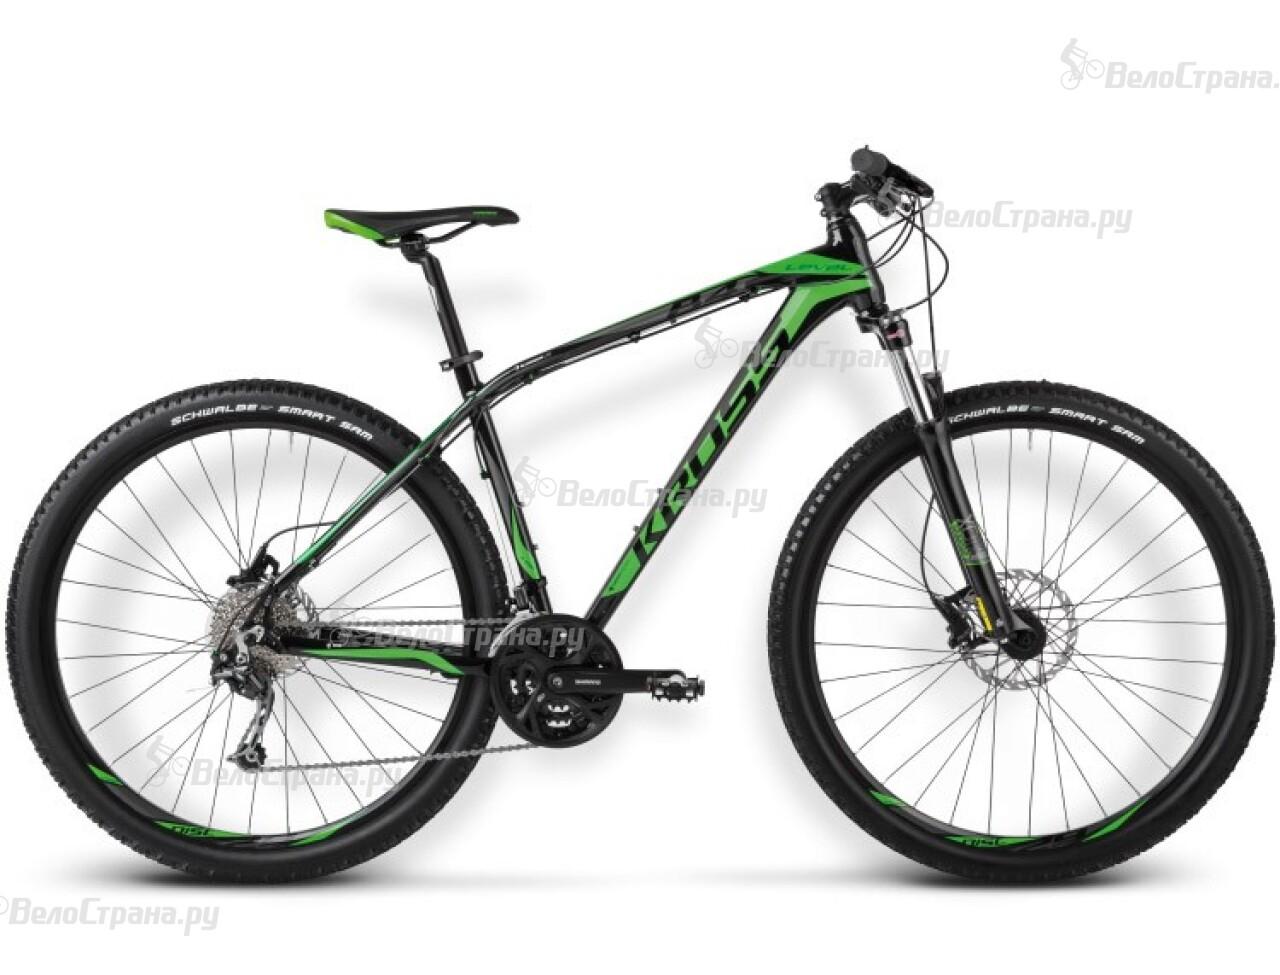 Велосипед Kross LEVEL B4 (2015) велосипед kross level b8 2015